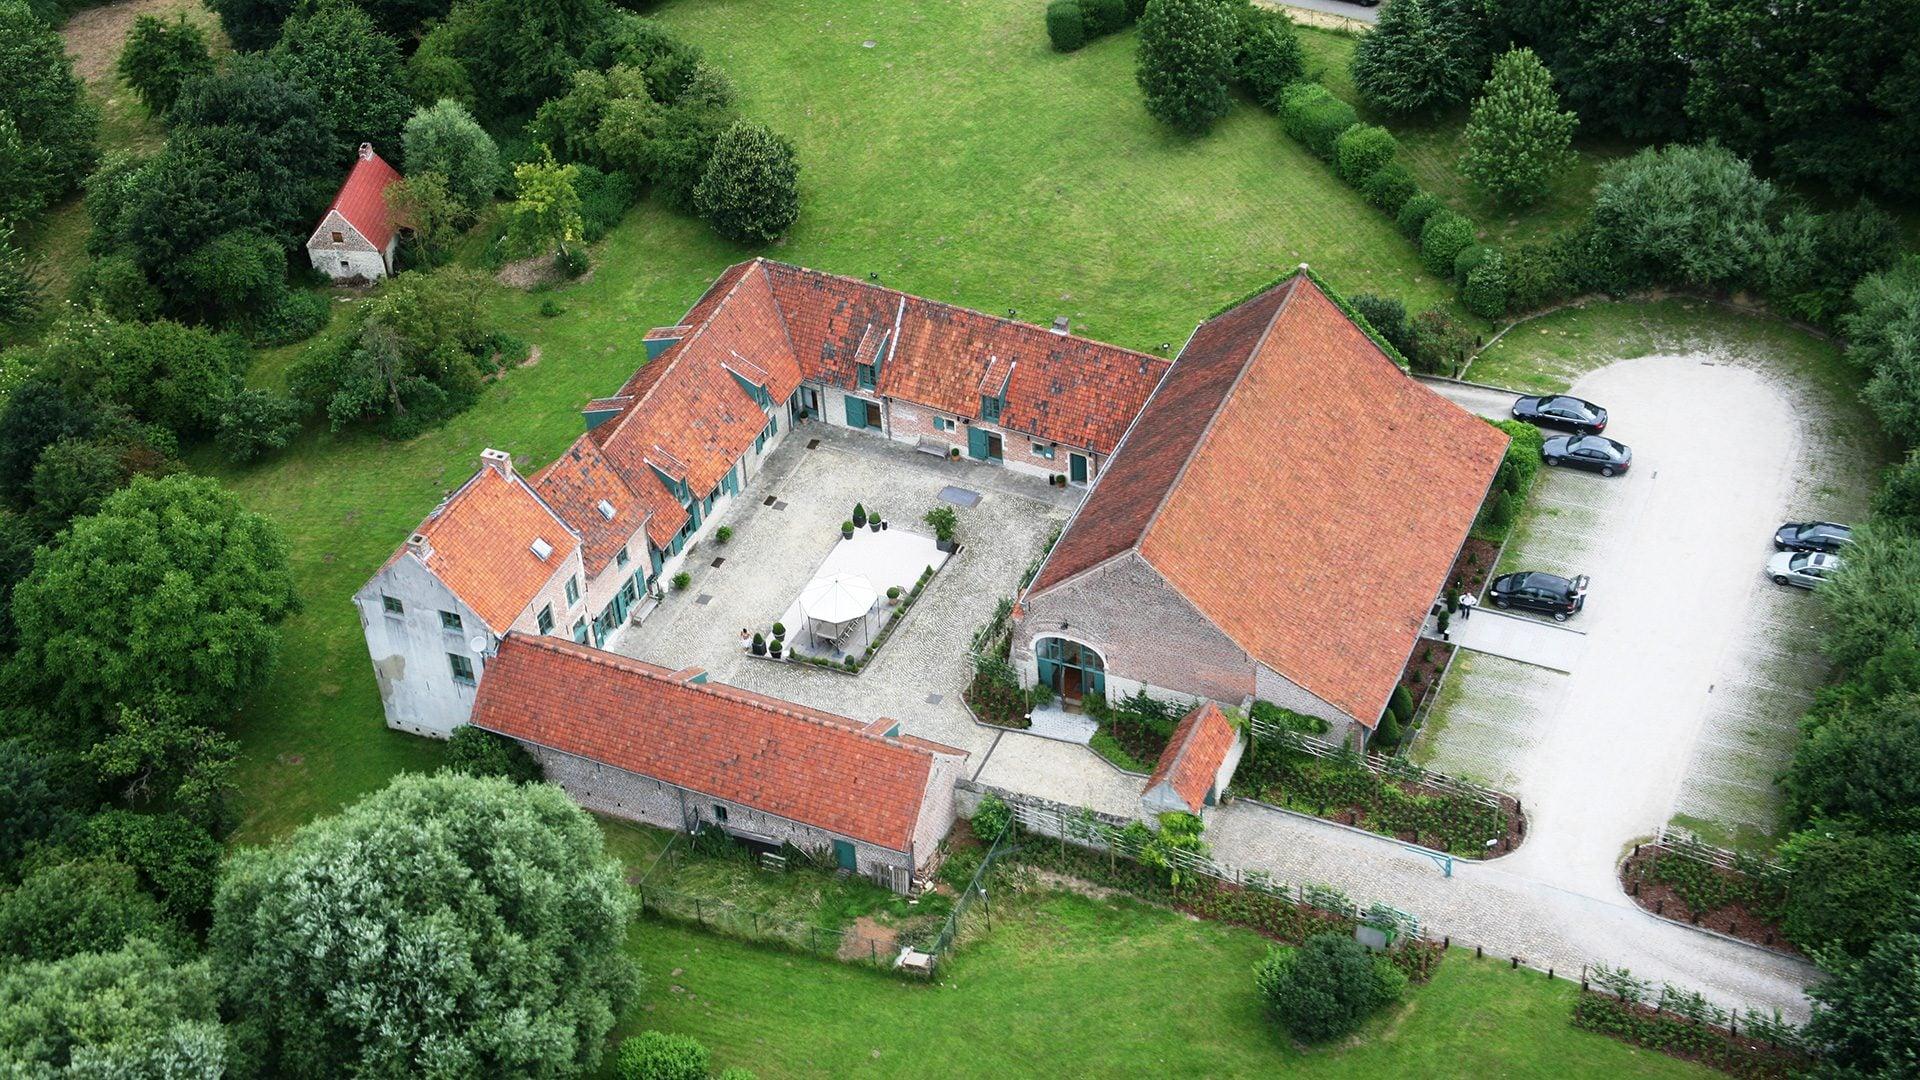 Plan du site - Hof ter Musschen